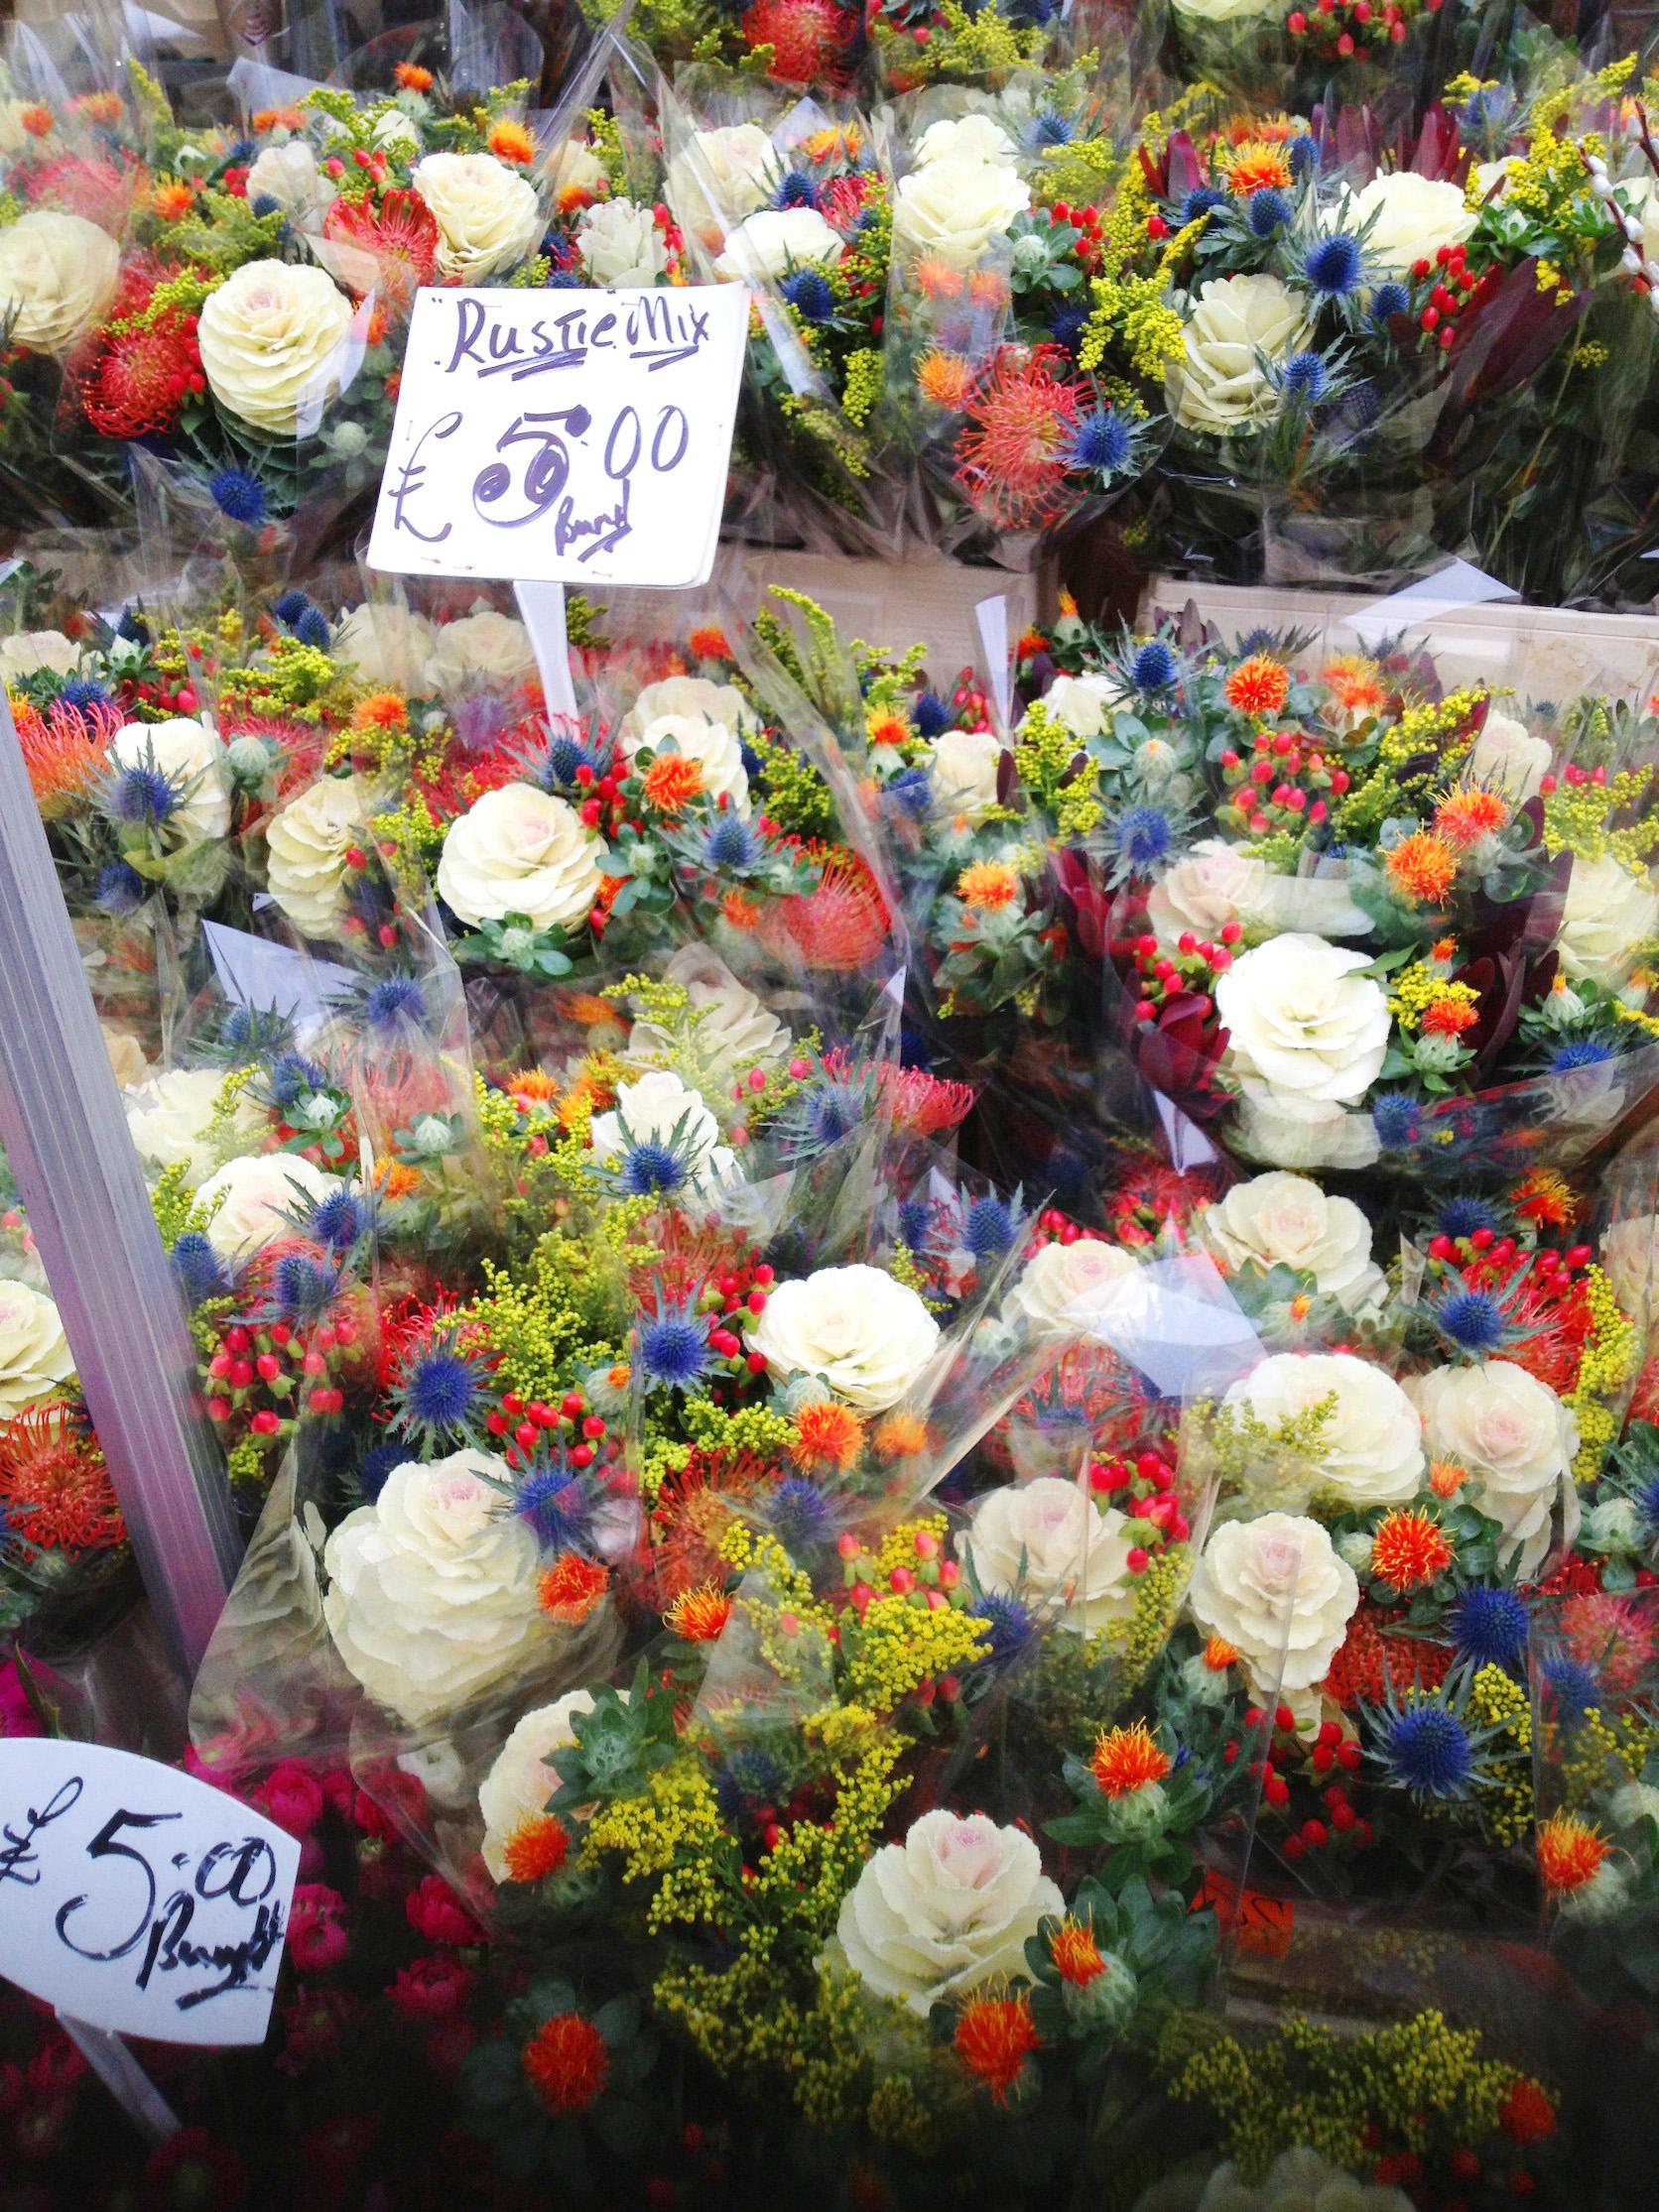 http://www.houyhnhnm.jp/blog/ticro/images/42e140a8cf4e66c98113de3dae33ff291.jpg